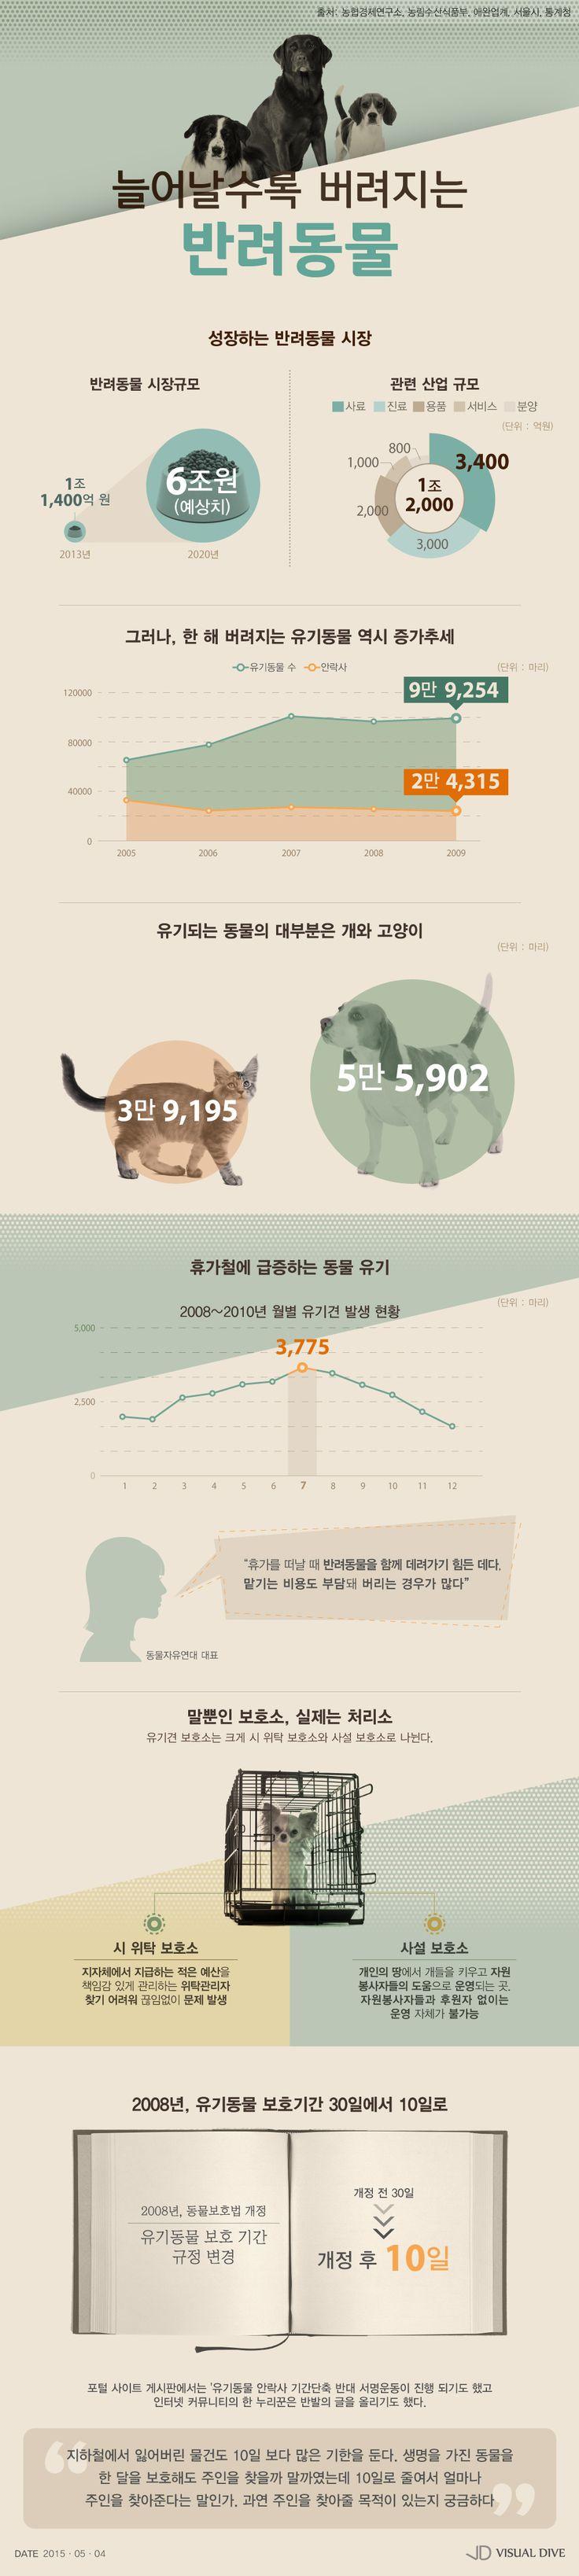 '버리기 위해 키운다?' 성장 중인 국내 반려동물 시장의 뒷면 [인포그래픽] #companion animal  / #Infographic ⓒ 비주얼다이브 무단 복사·전재·재배포 금지